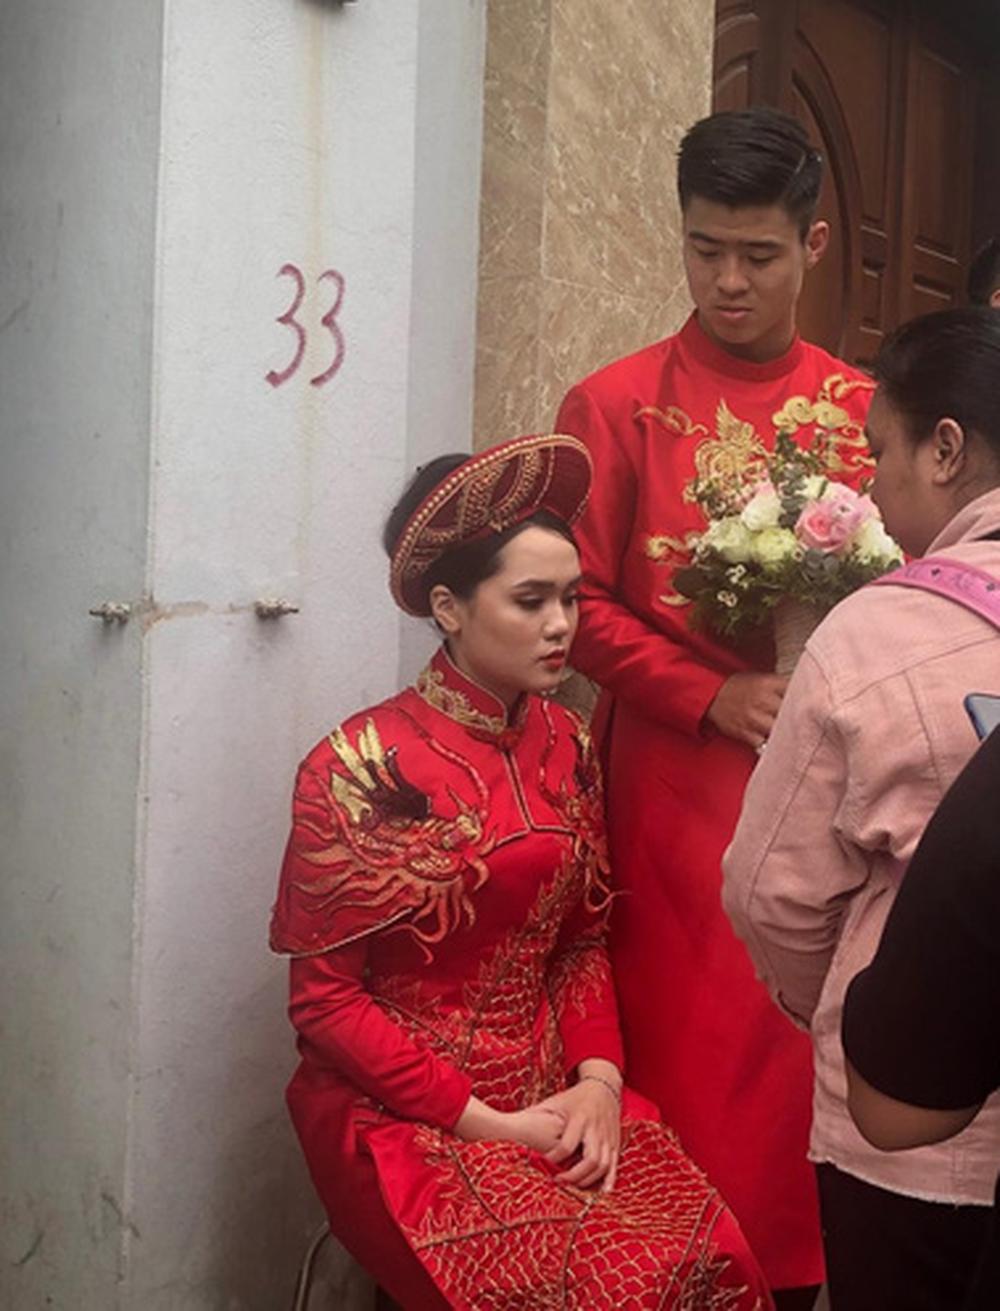 Đám hỏi Duy Mạnh - Quỳnh Anh: Cô dâu chú rể cảm ơn quan khách, kết thúc buổi lễ vất vả nhưng đầy hạnh phúc - Ảnh 9.